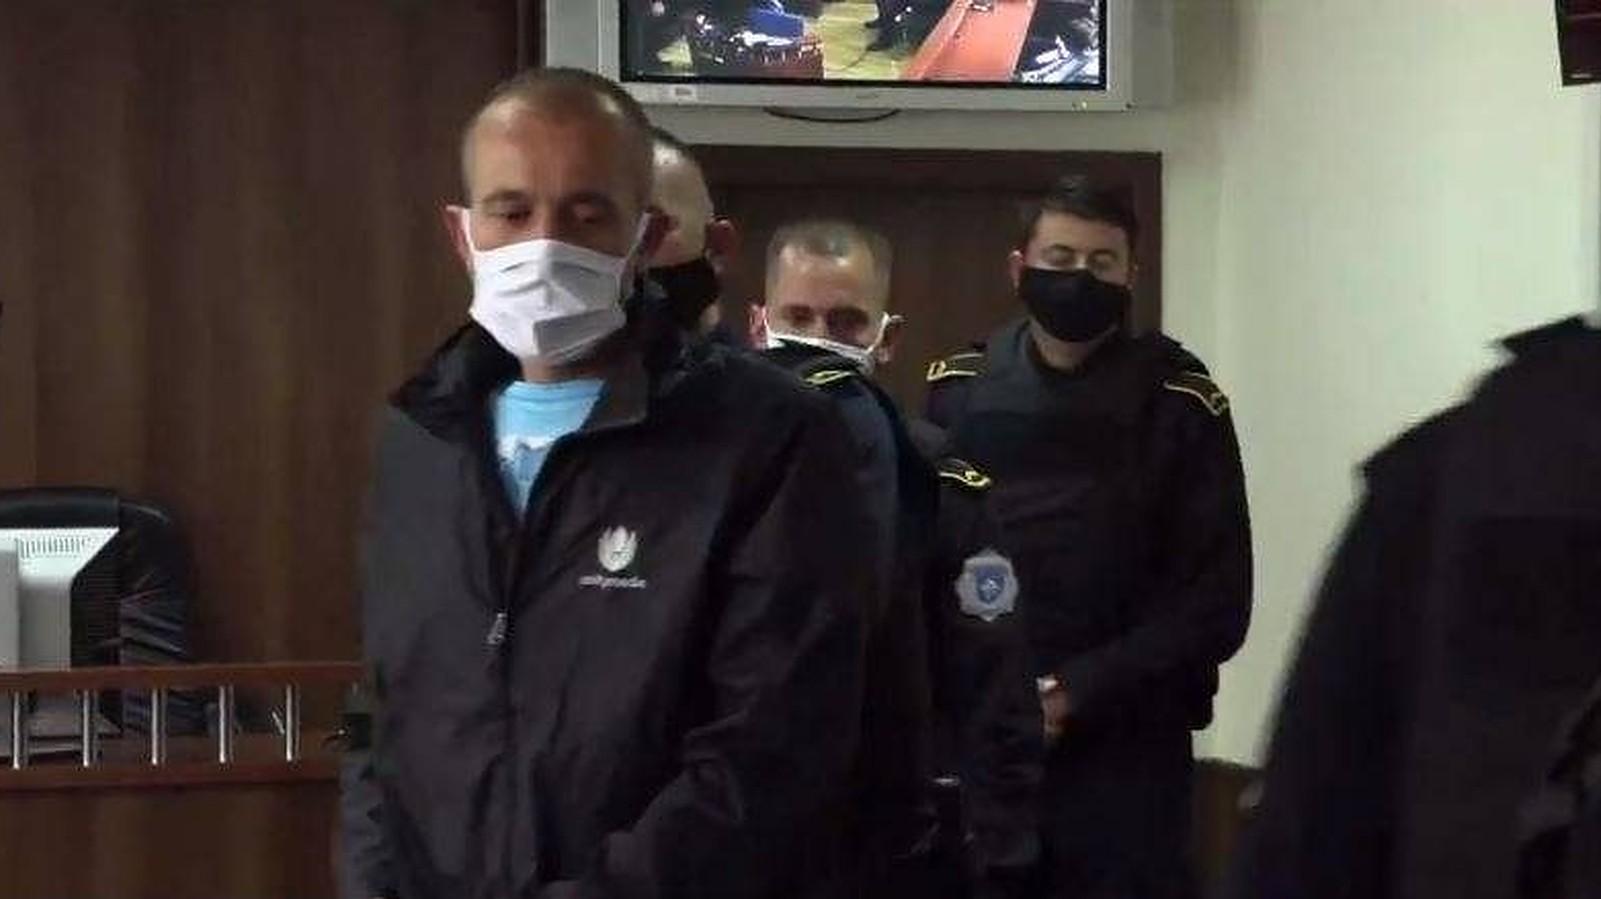 Дарко Тасиќ, во Основниот суд во Призрен, во јуни, откако беше осуден за учество во масакрот во Мала Круша. Фото: БИРН